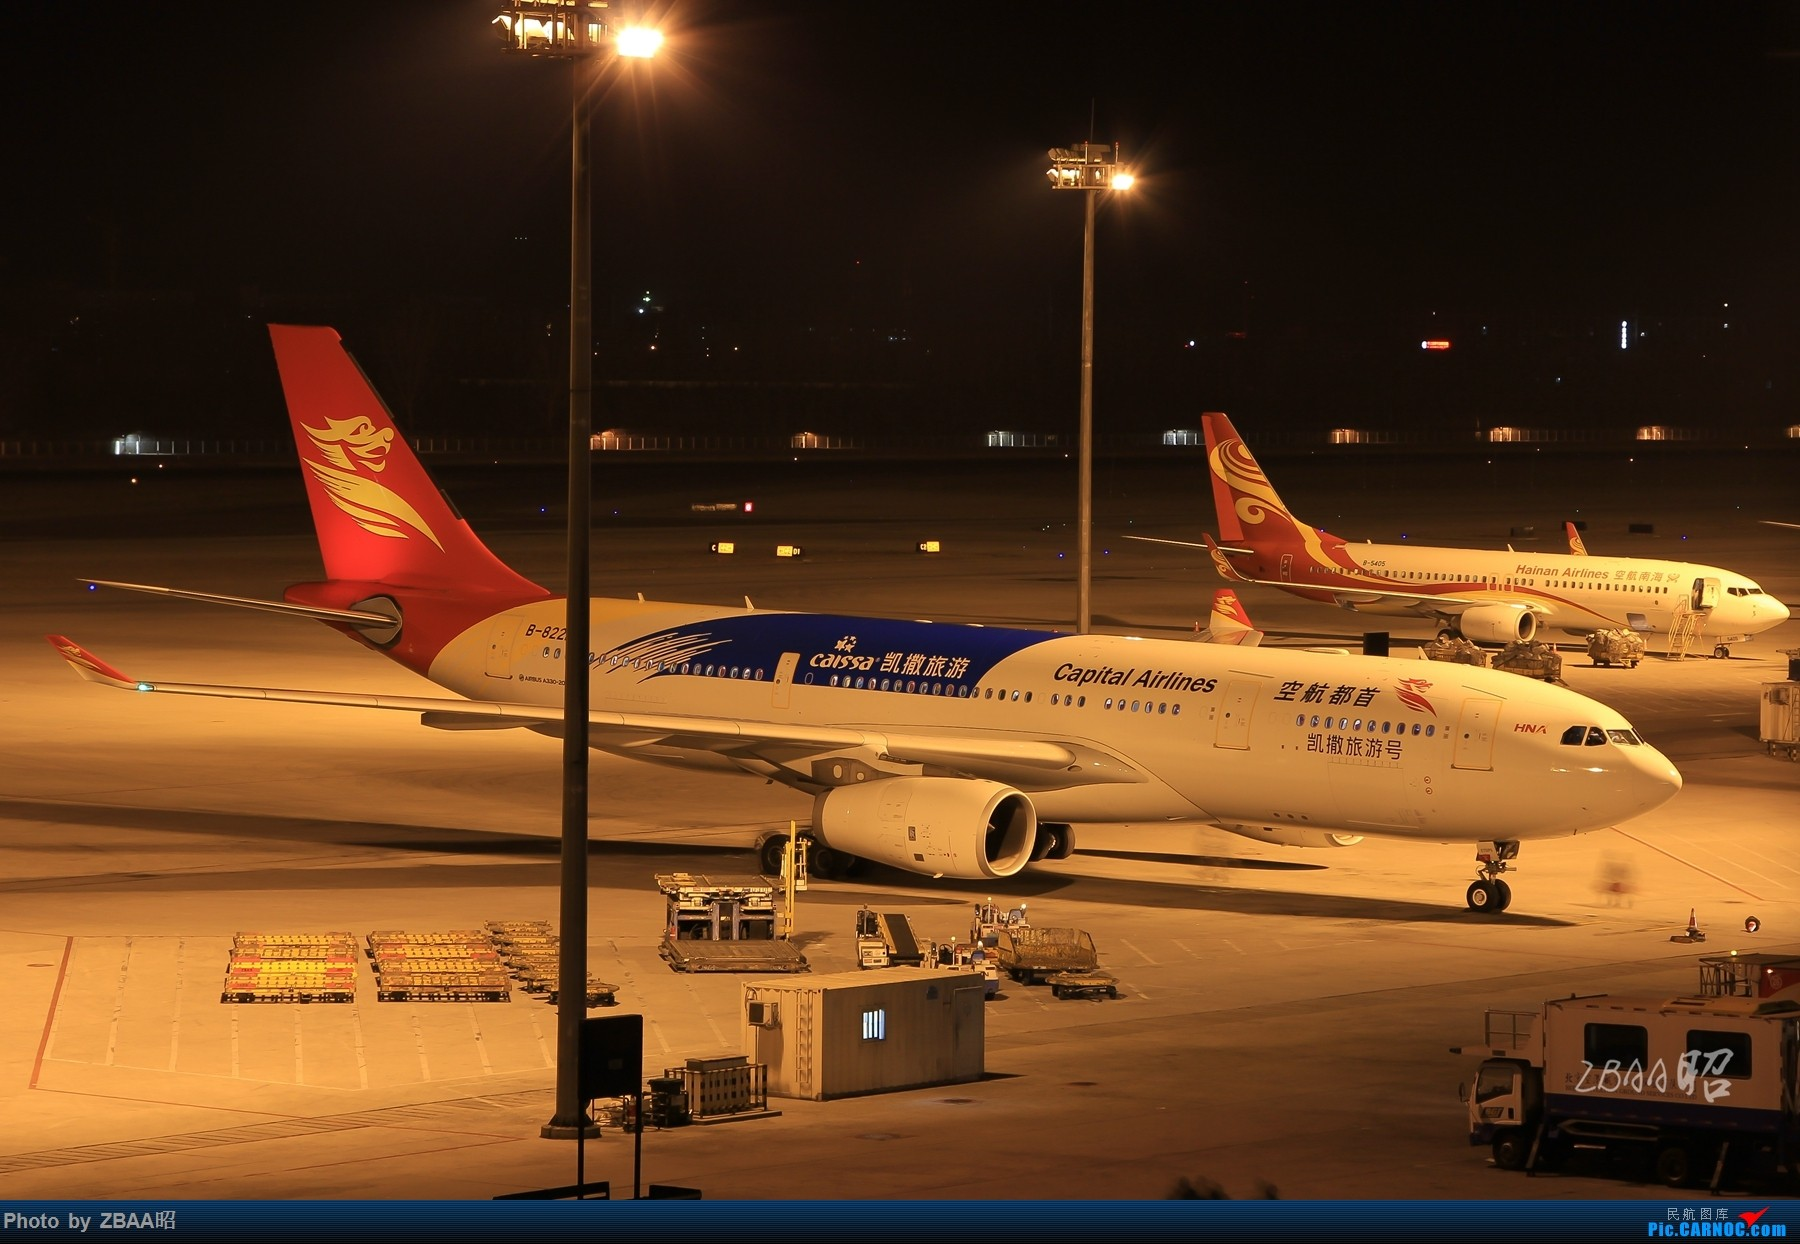 Re:[原创]飞友聚会后的独自疯狂,格林豪泰隔天怒打ZBAA 36L跑道,夜拍海航宽体机,寒风中坚守楼顶阵地 AIRBUS A330-200 B-8221 中国北京首都国际机场